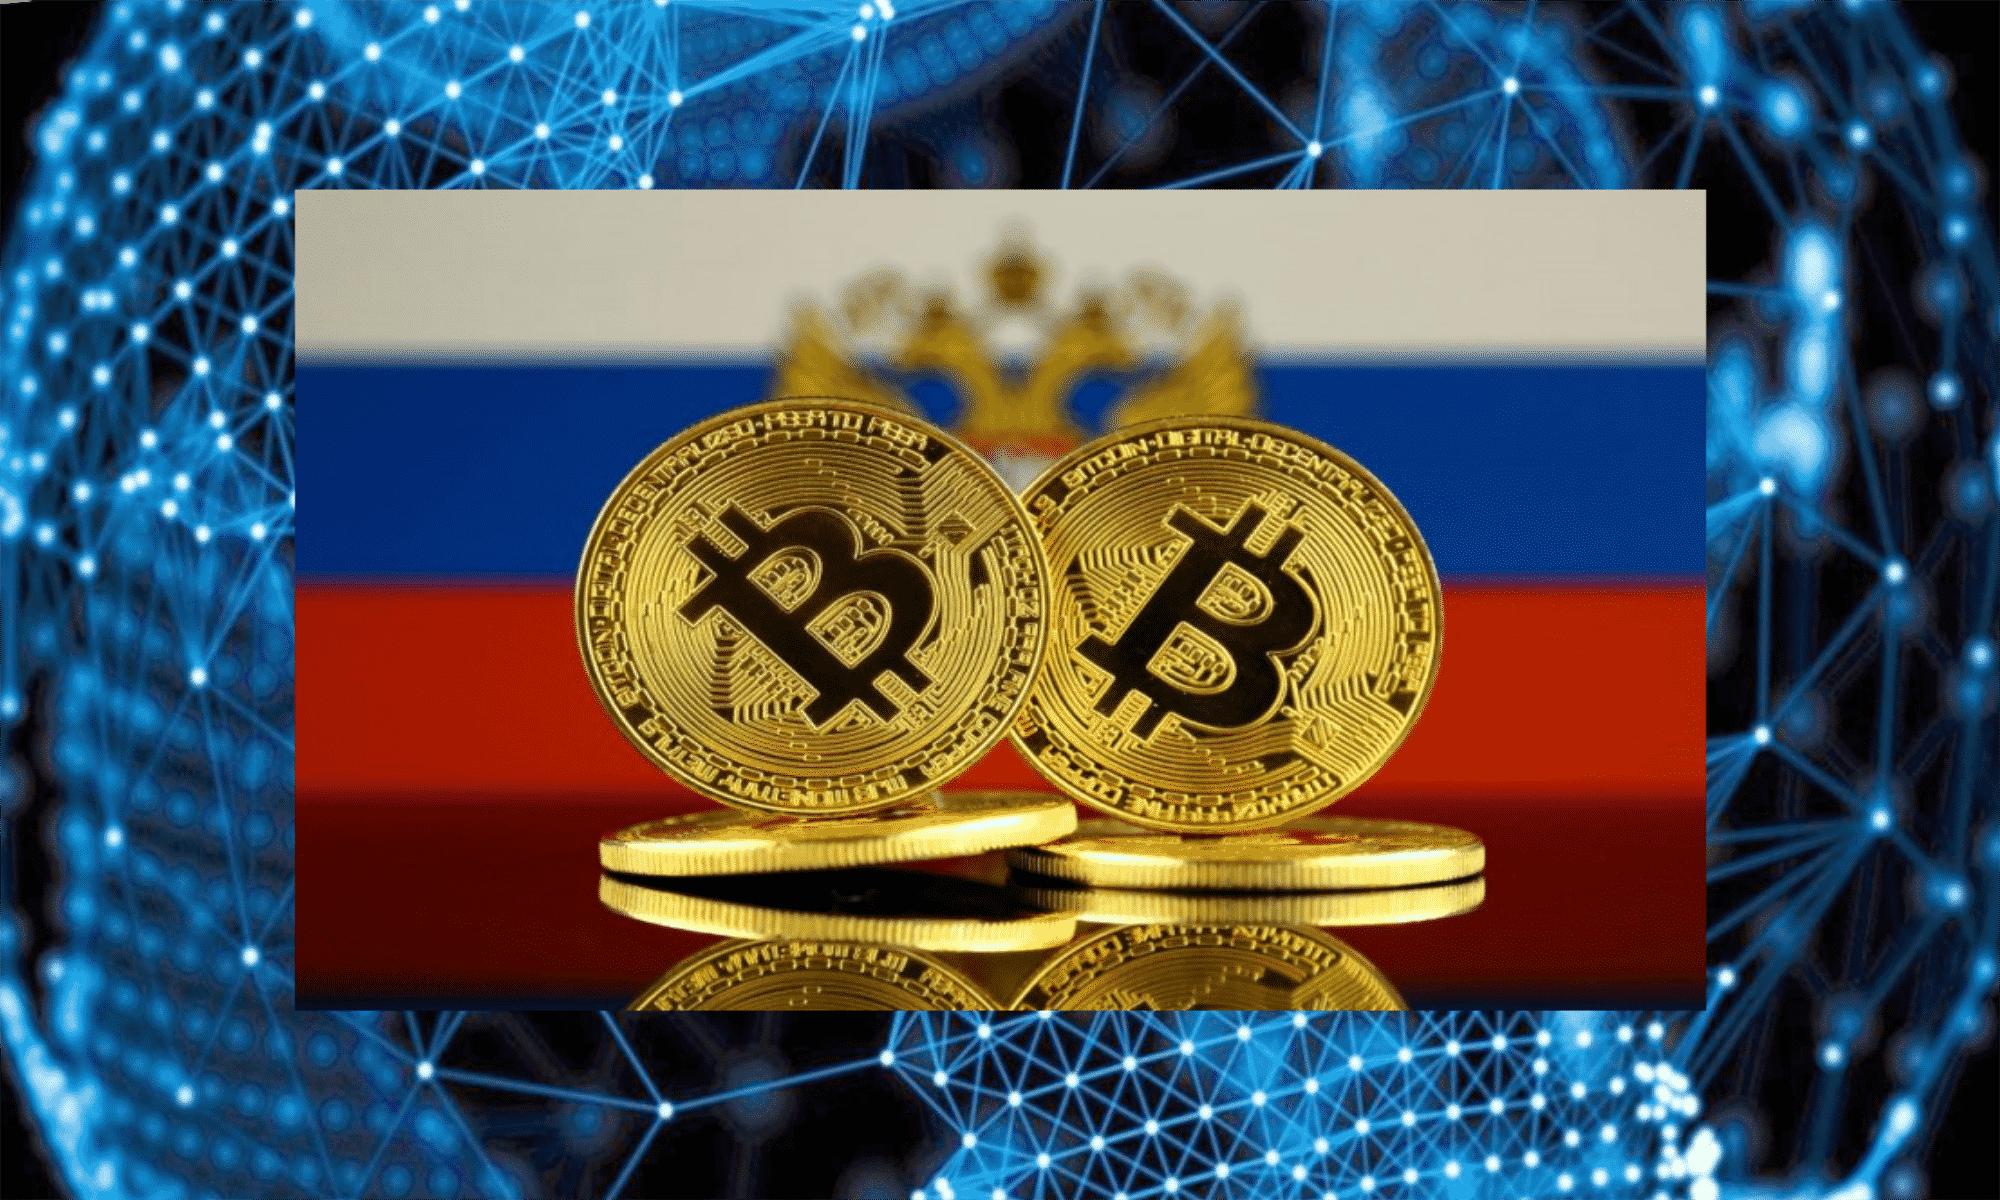 Новый закон о криптовалюте в России: опять не принят, причины, чего хотят власти